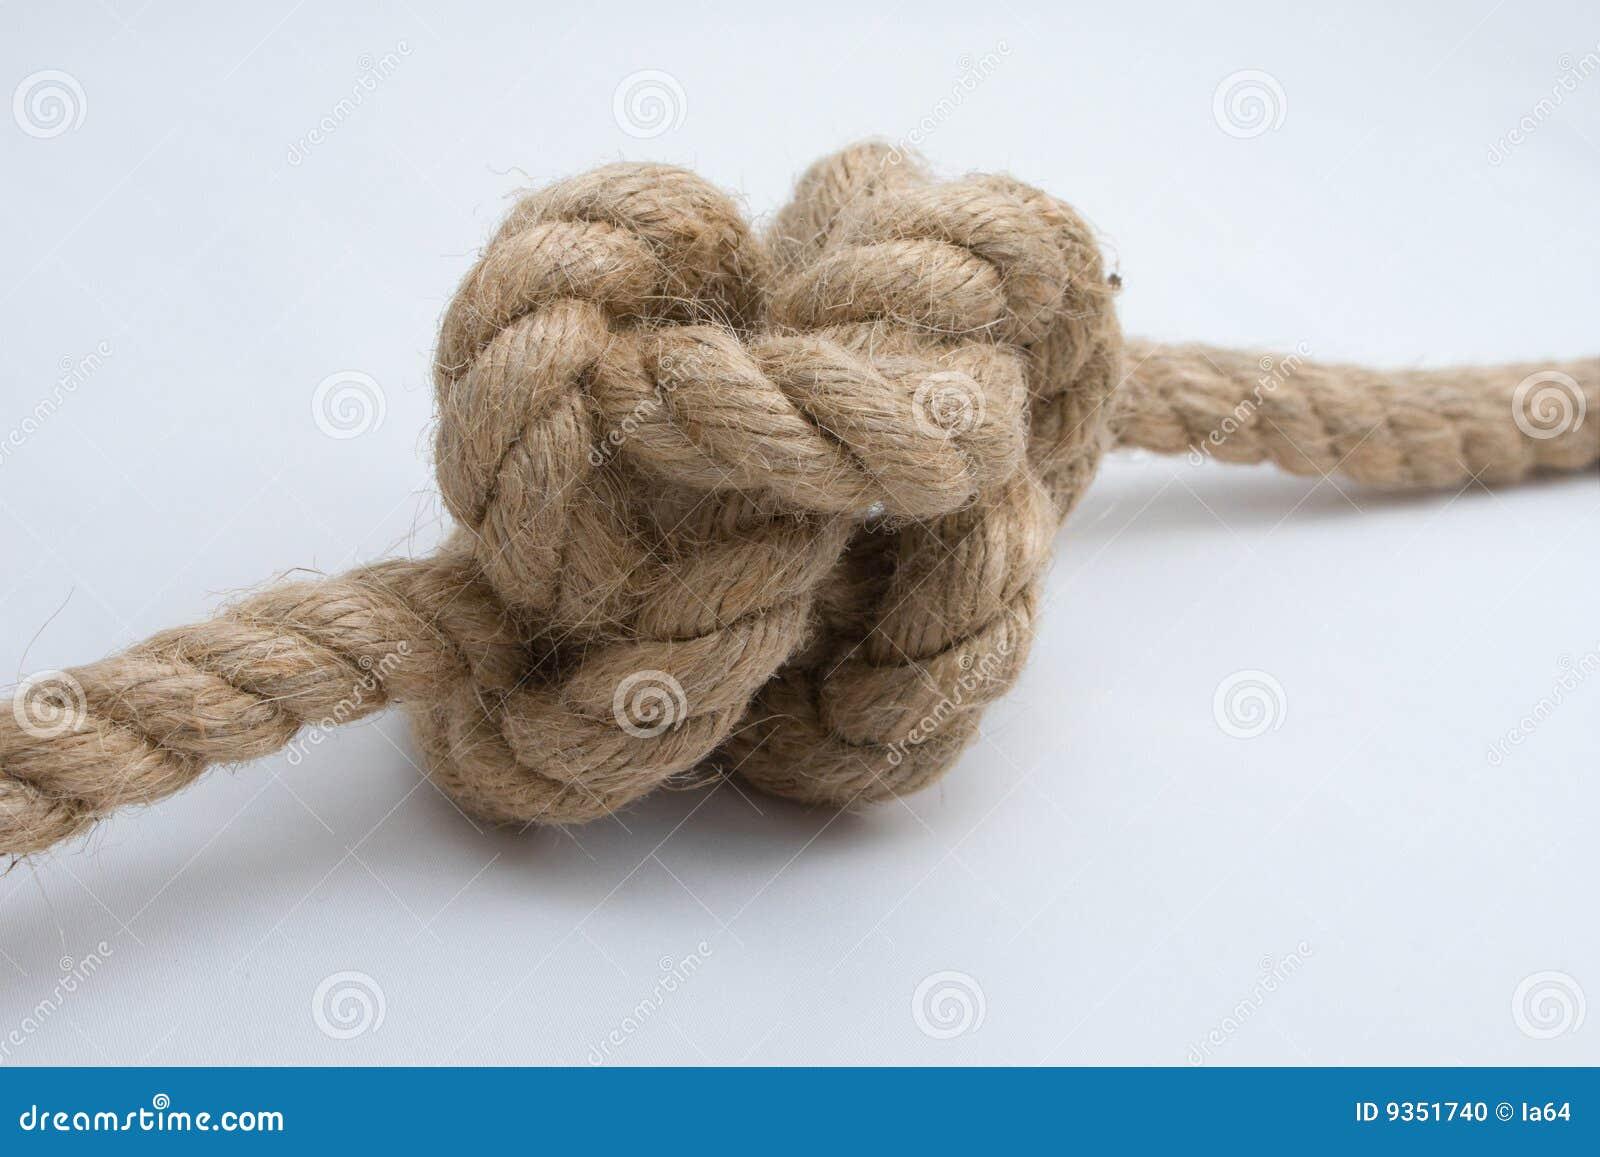 Фото как связать веревкой яйца 10 фотография